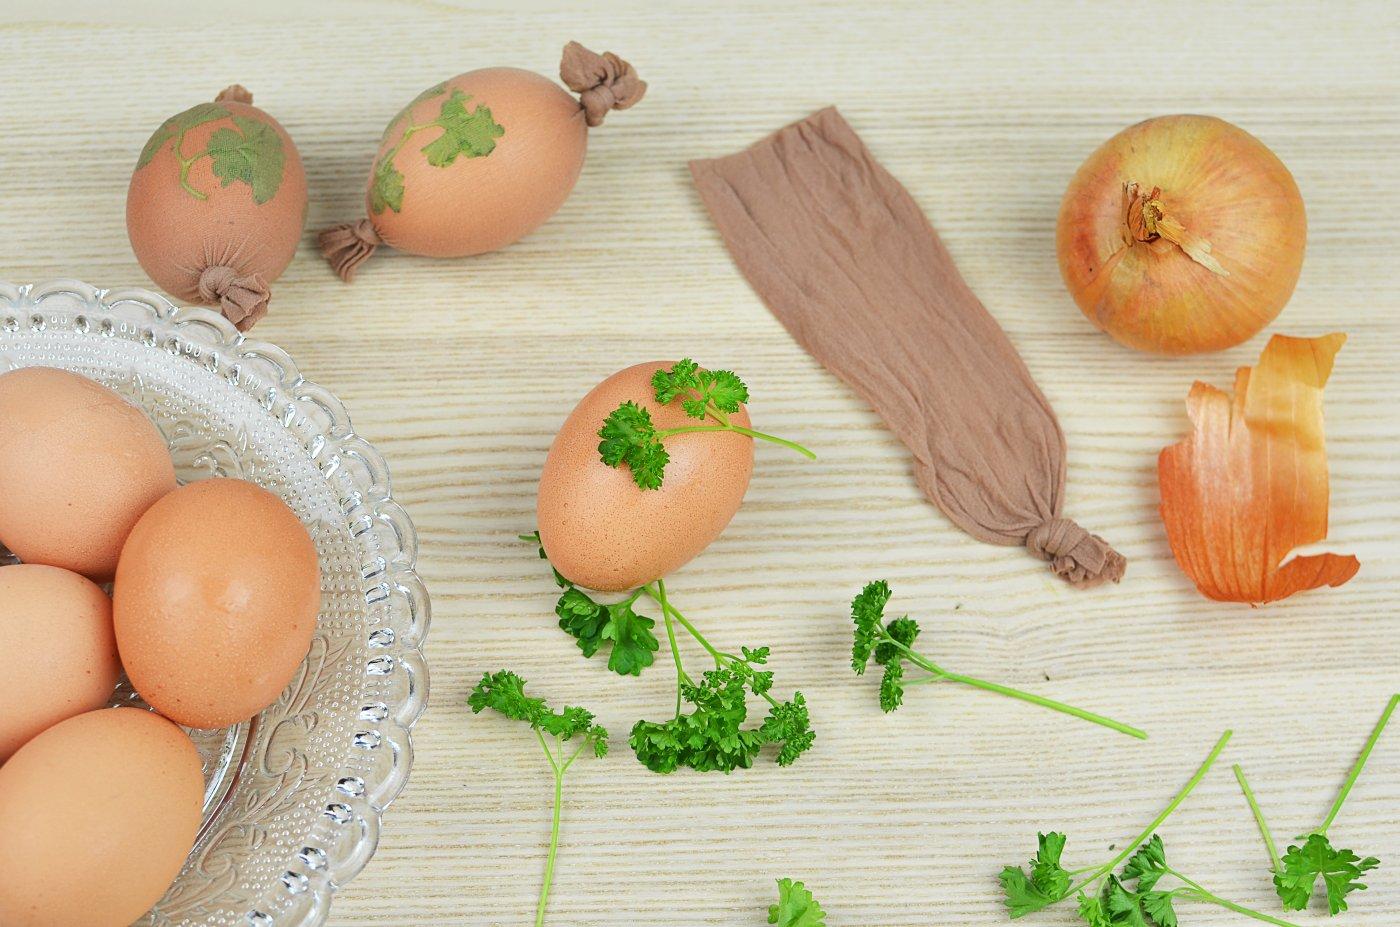 Jak w naturalny sposób barwić jajka wielkanocne